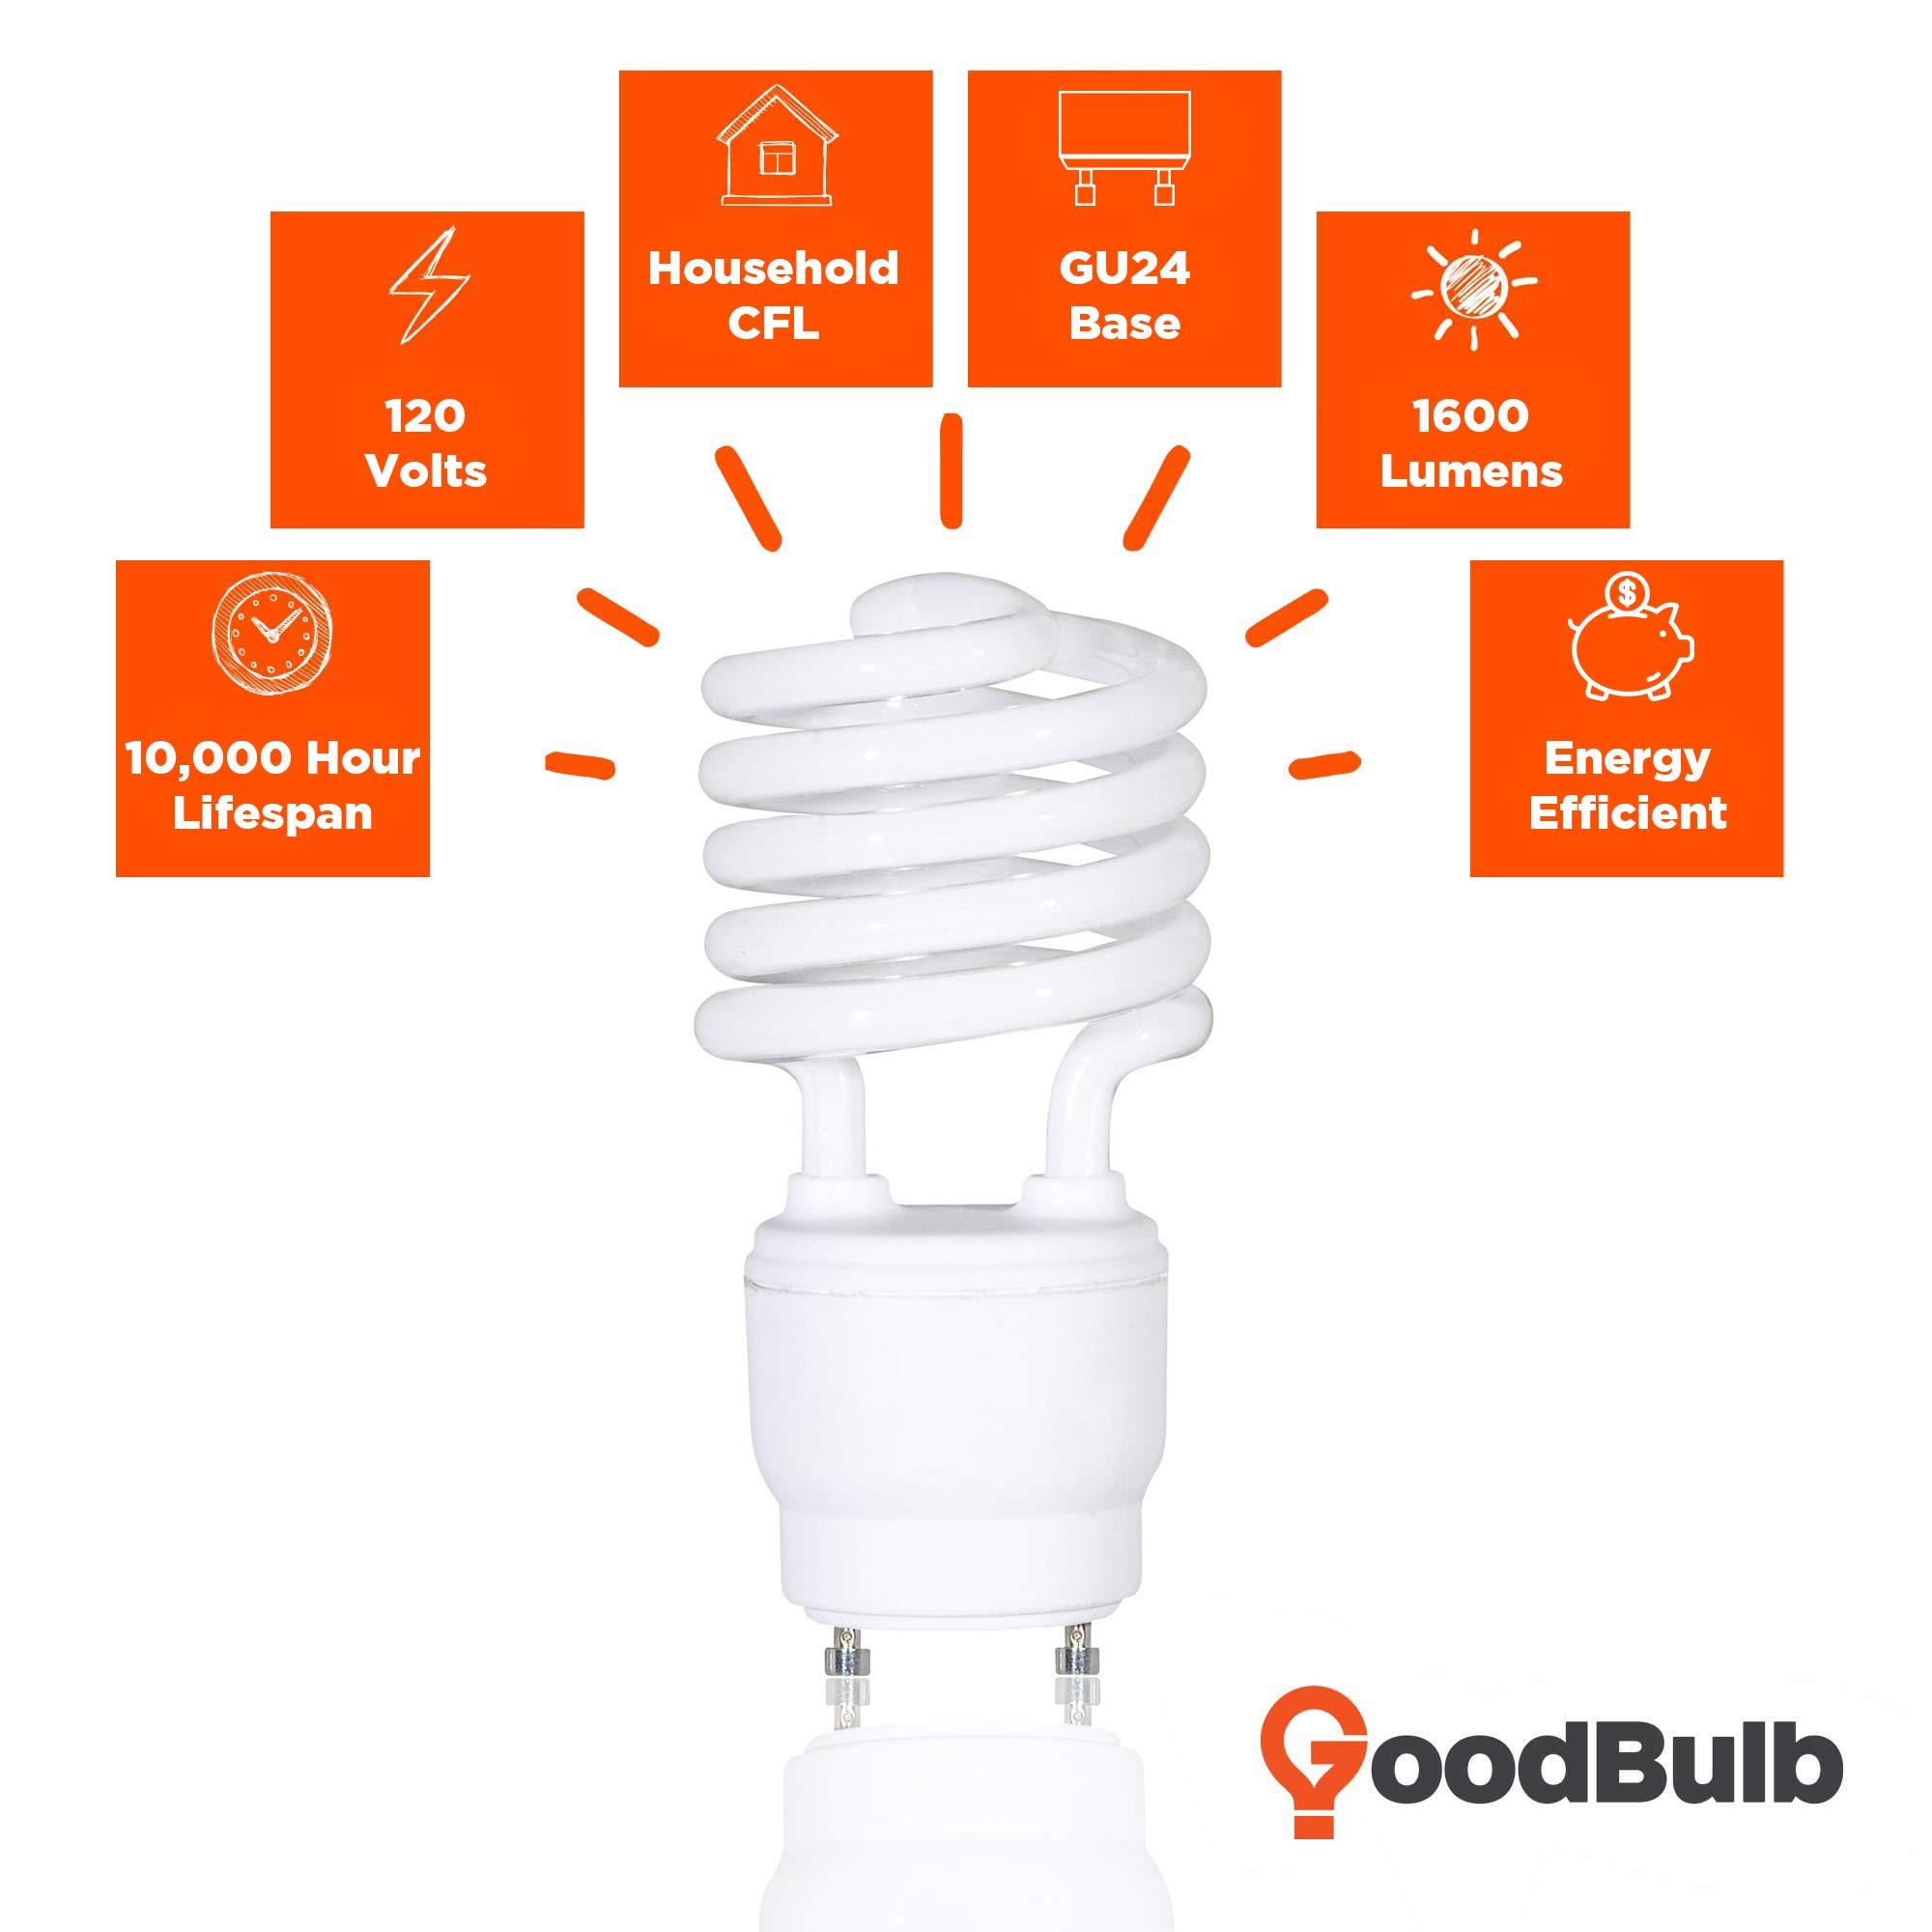 GoodBulb 23 Watt CFL Light Bulbs - T2 Spiral Compact Fluorescent - GU24 Light Bulb Base - 2700K 1600 Lumens - 4 Pack by GoodBulb (Image #3)